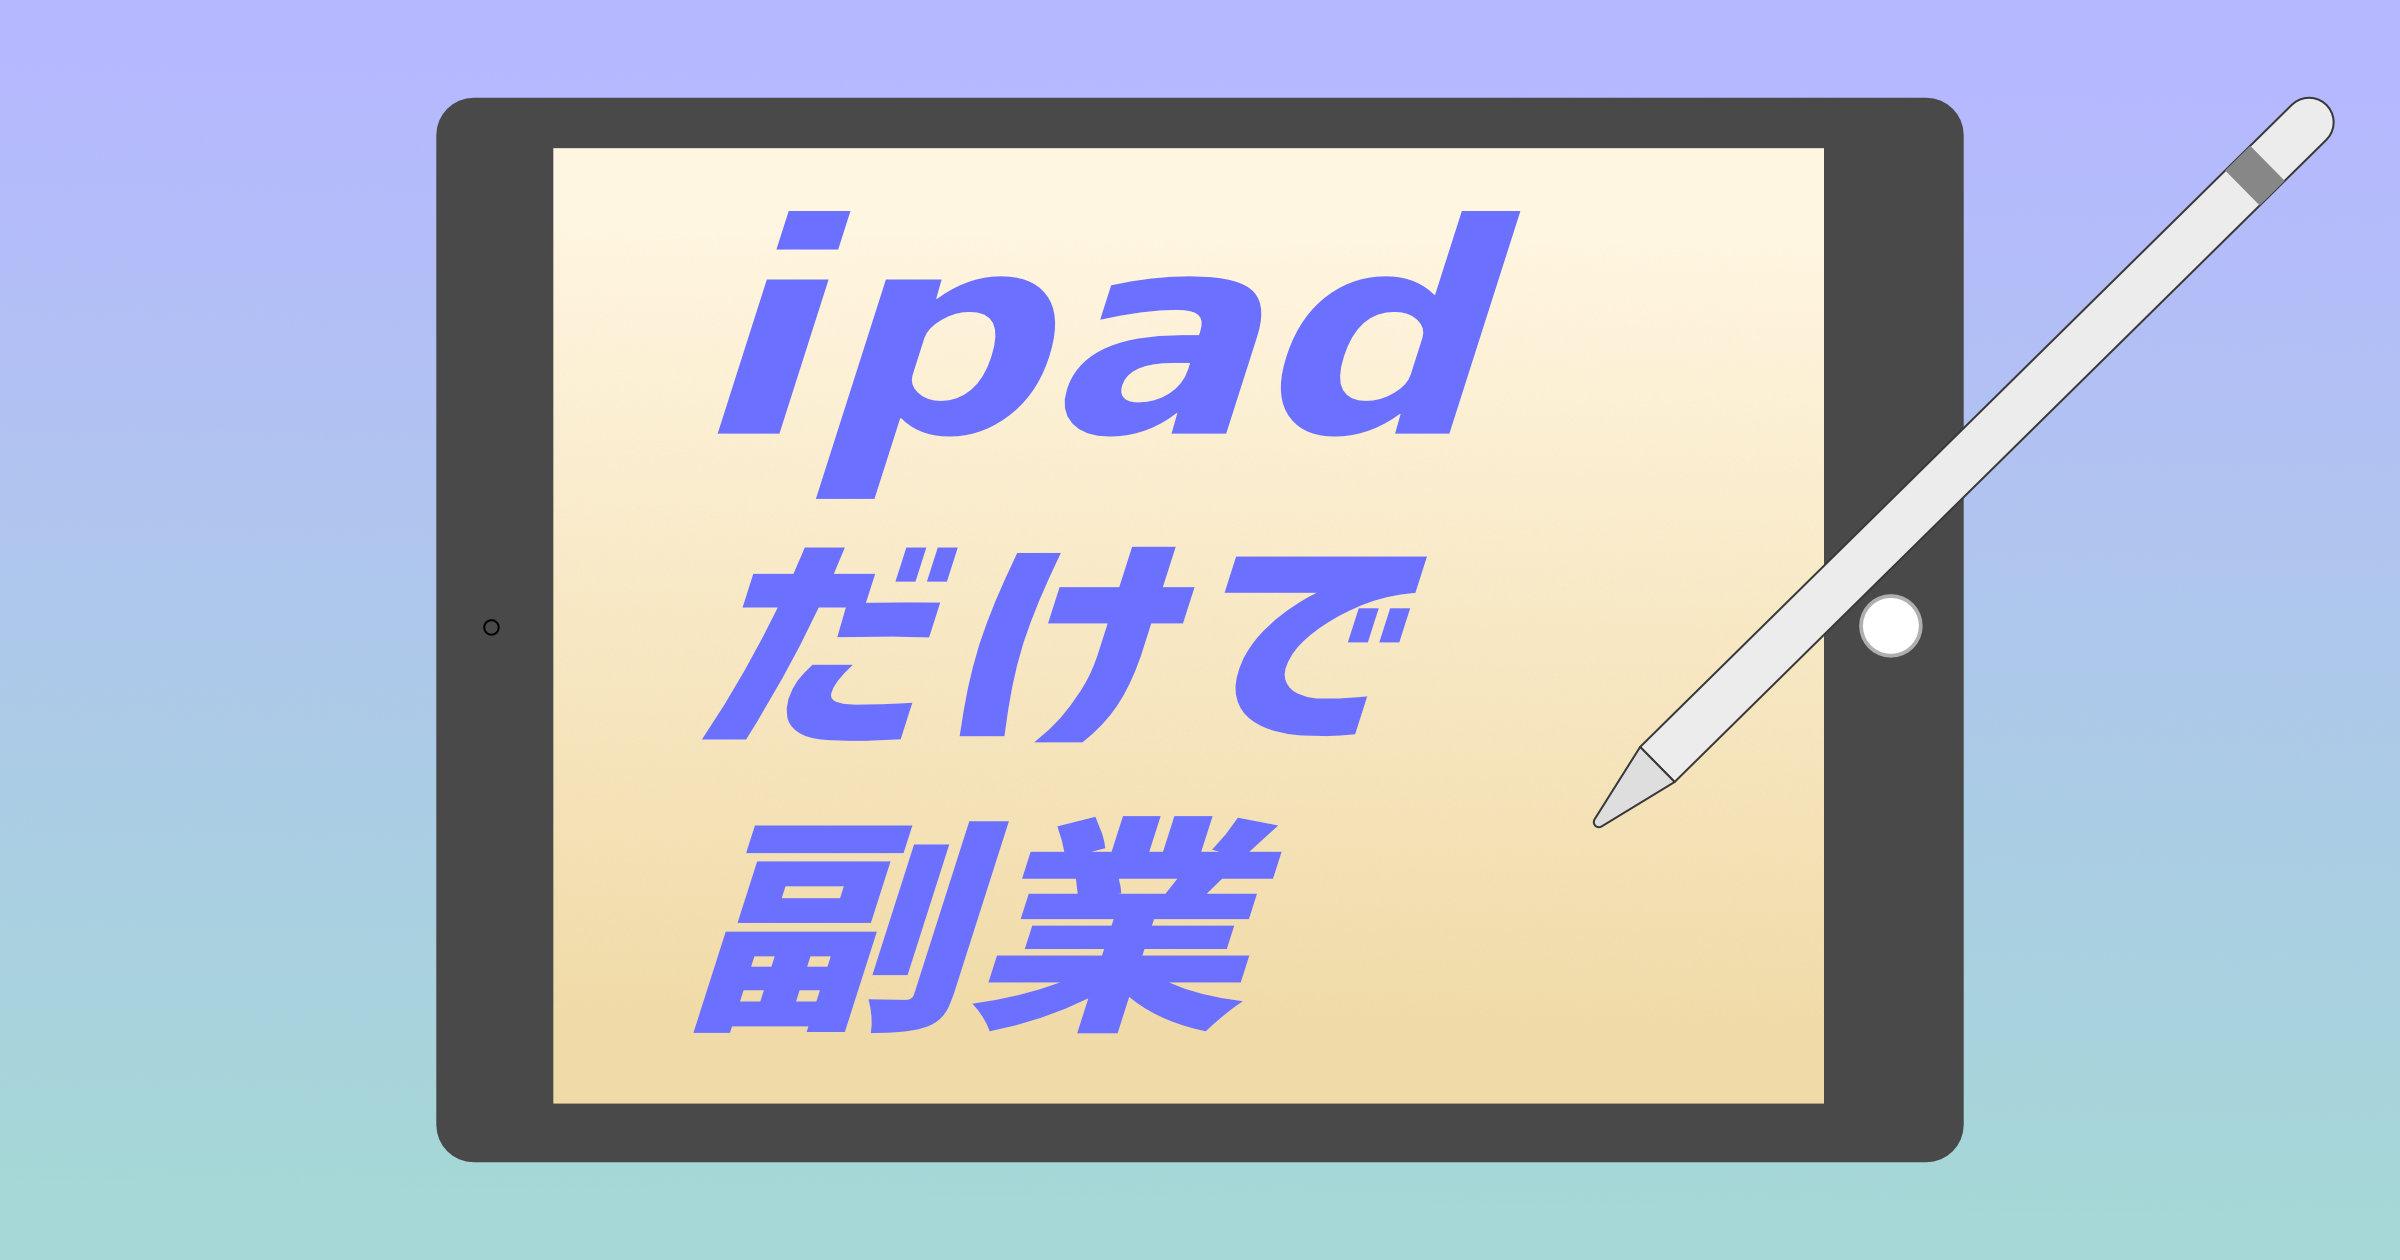 iPadだけで副業のイラスト